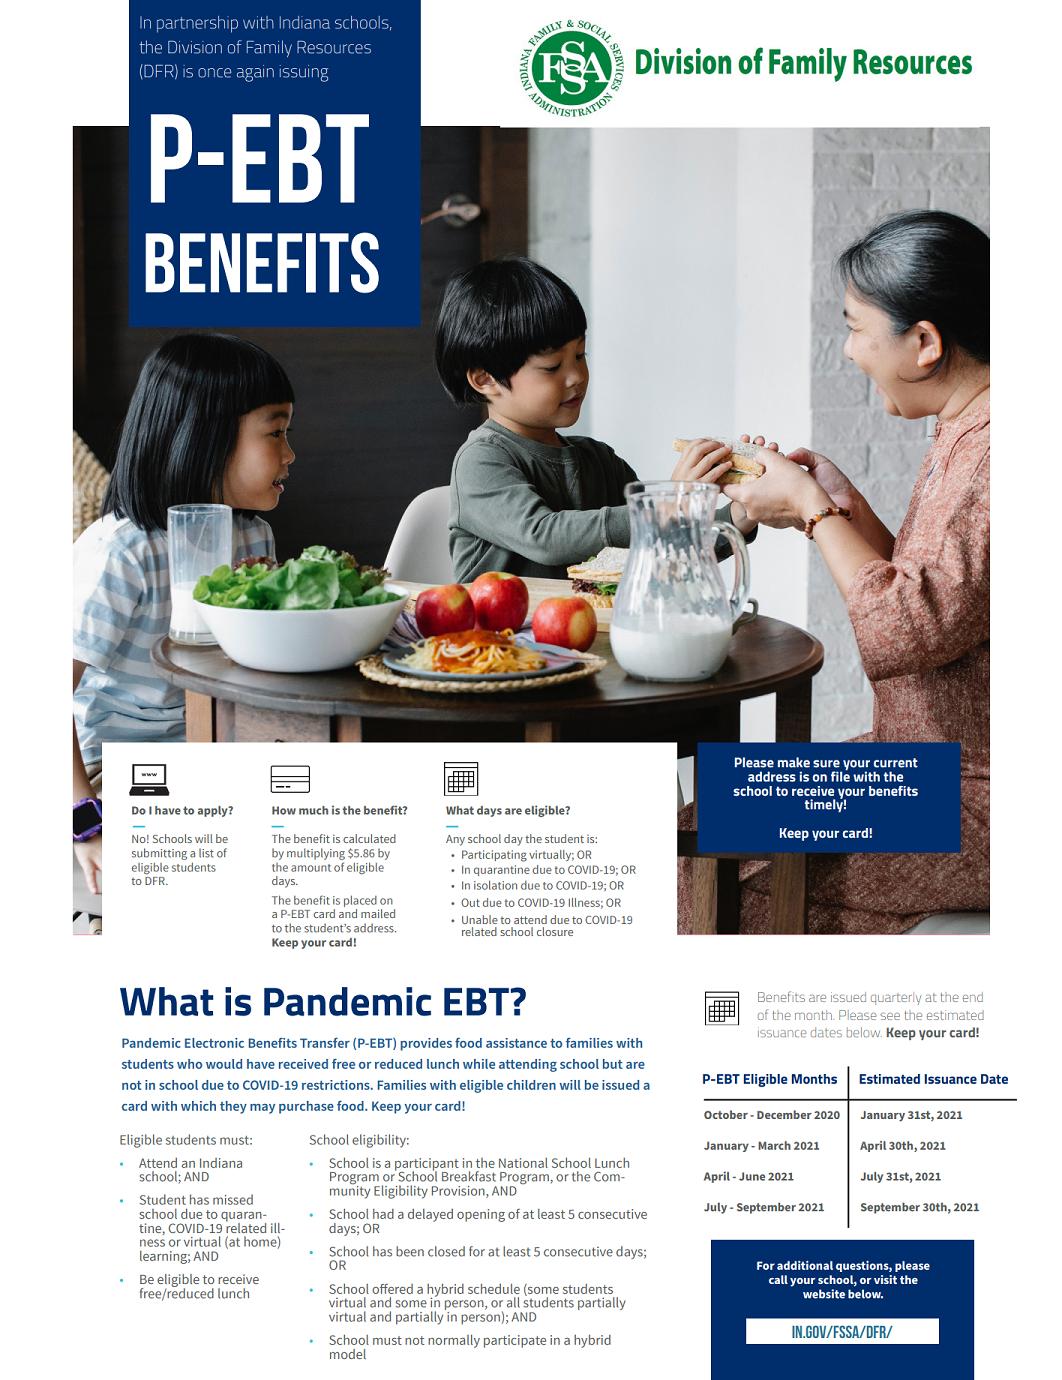 p-ebt benefits 2021